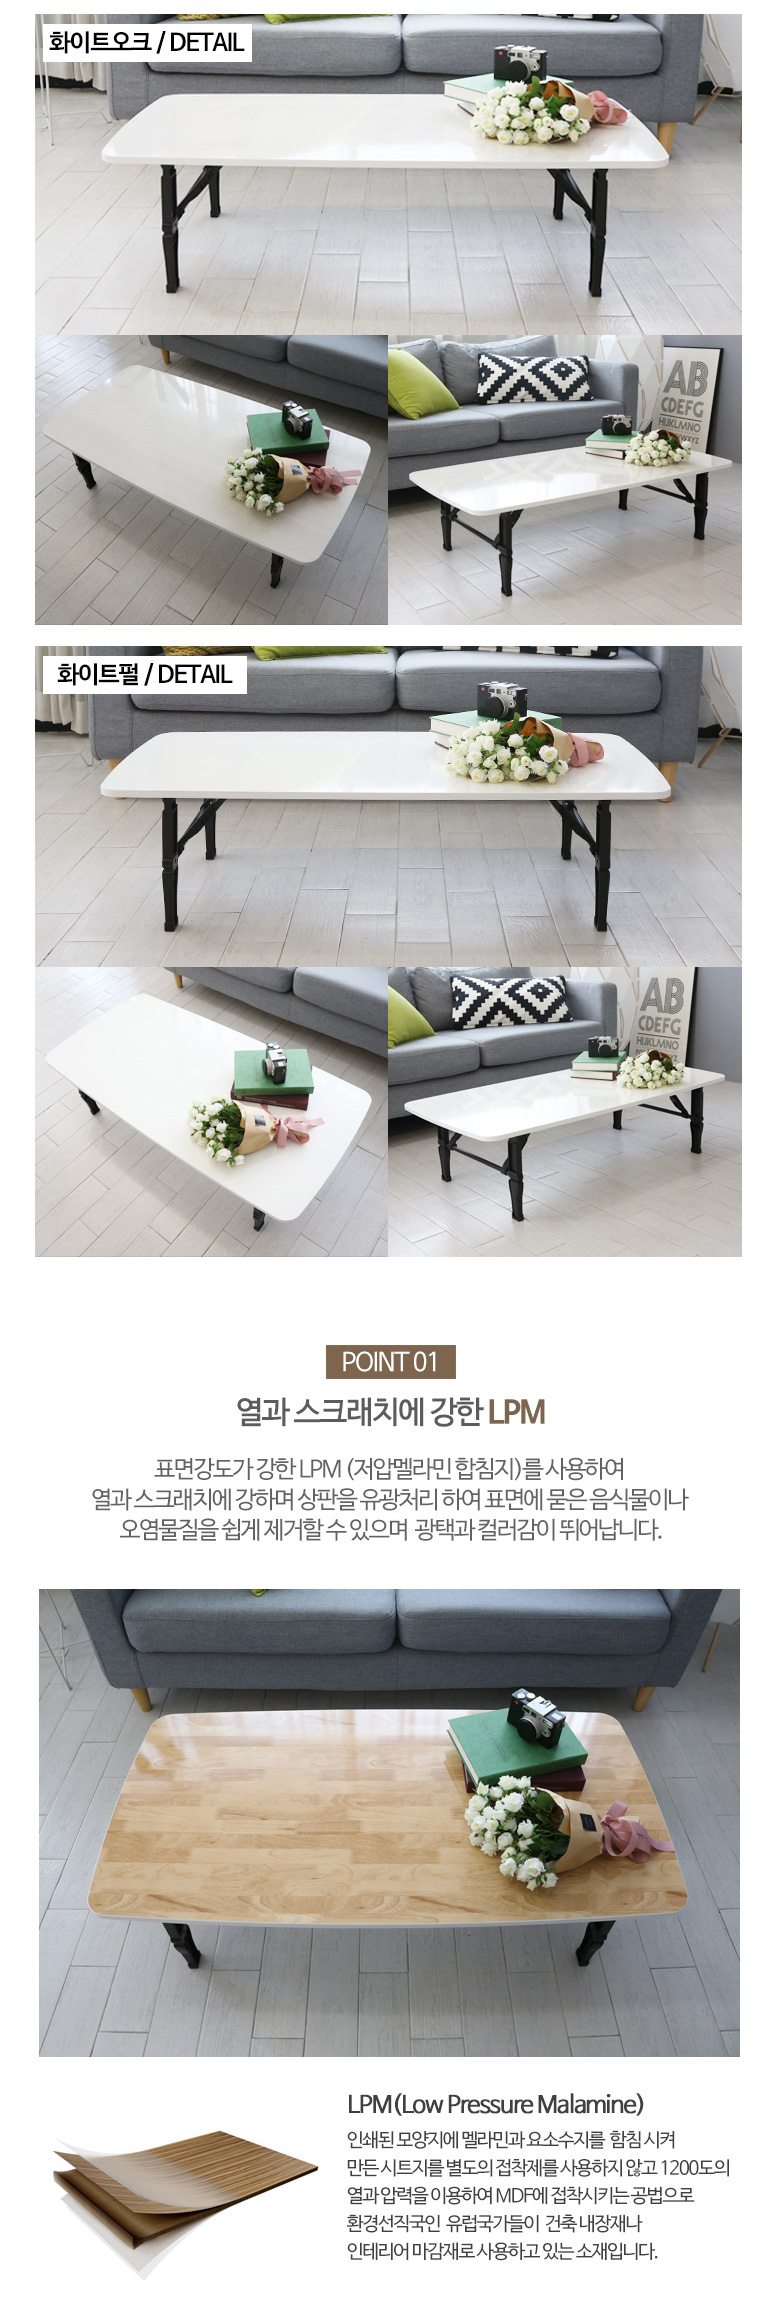 레인보우 LPM 쌍발 라운드 접이식 테이블 1200-600 화이트펄 - 레인보우, 46,900원, 식탁/의자, 밥상/다과상/좌식테이블